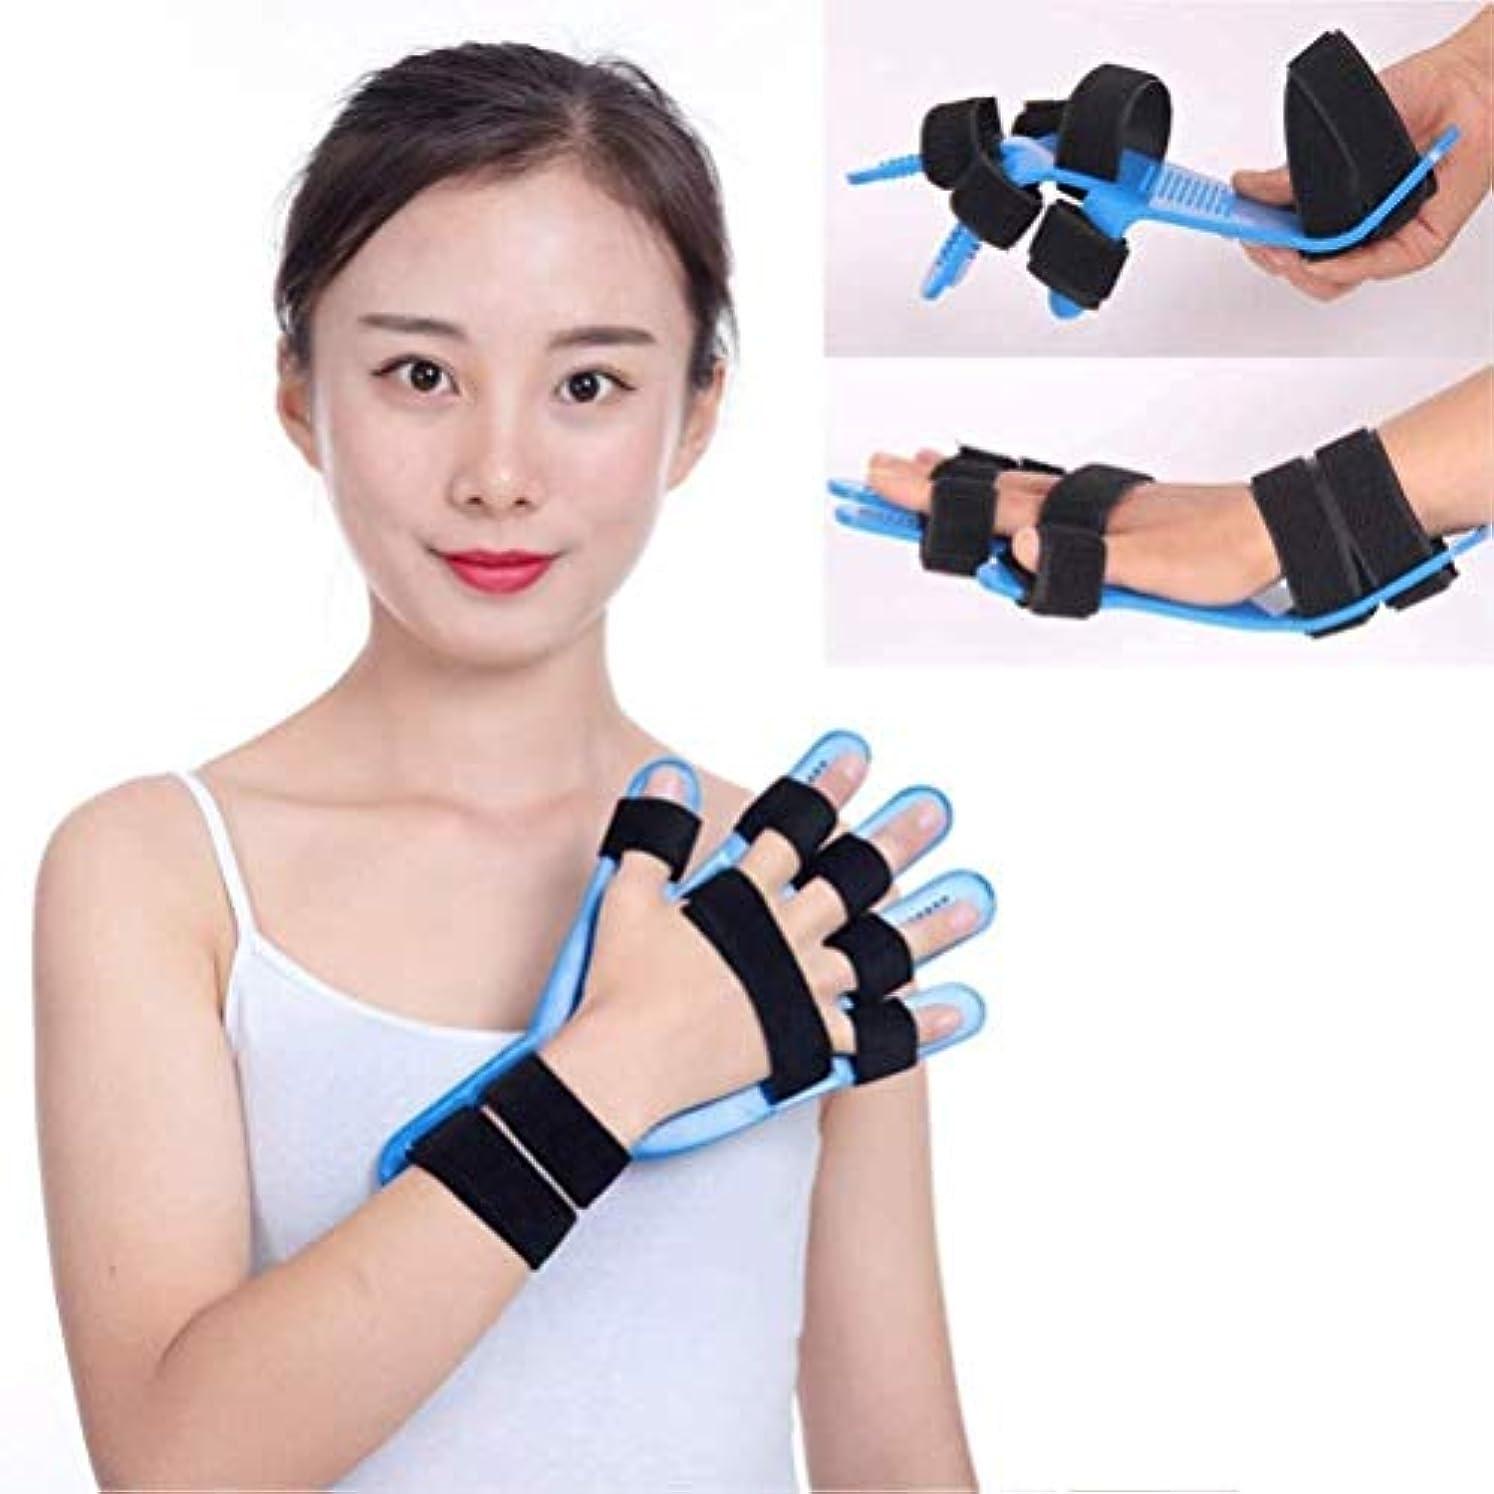 はっきりしないフォルダ深い外傷性脳卒中/片麻痺/リハビリテーション-Fingerスプリントブレースの手の手首のトレーニング装具ストローク機器